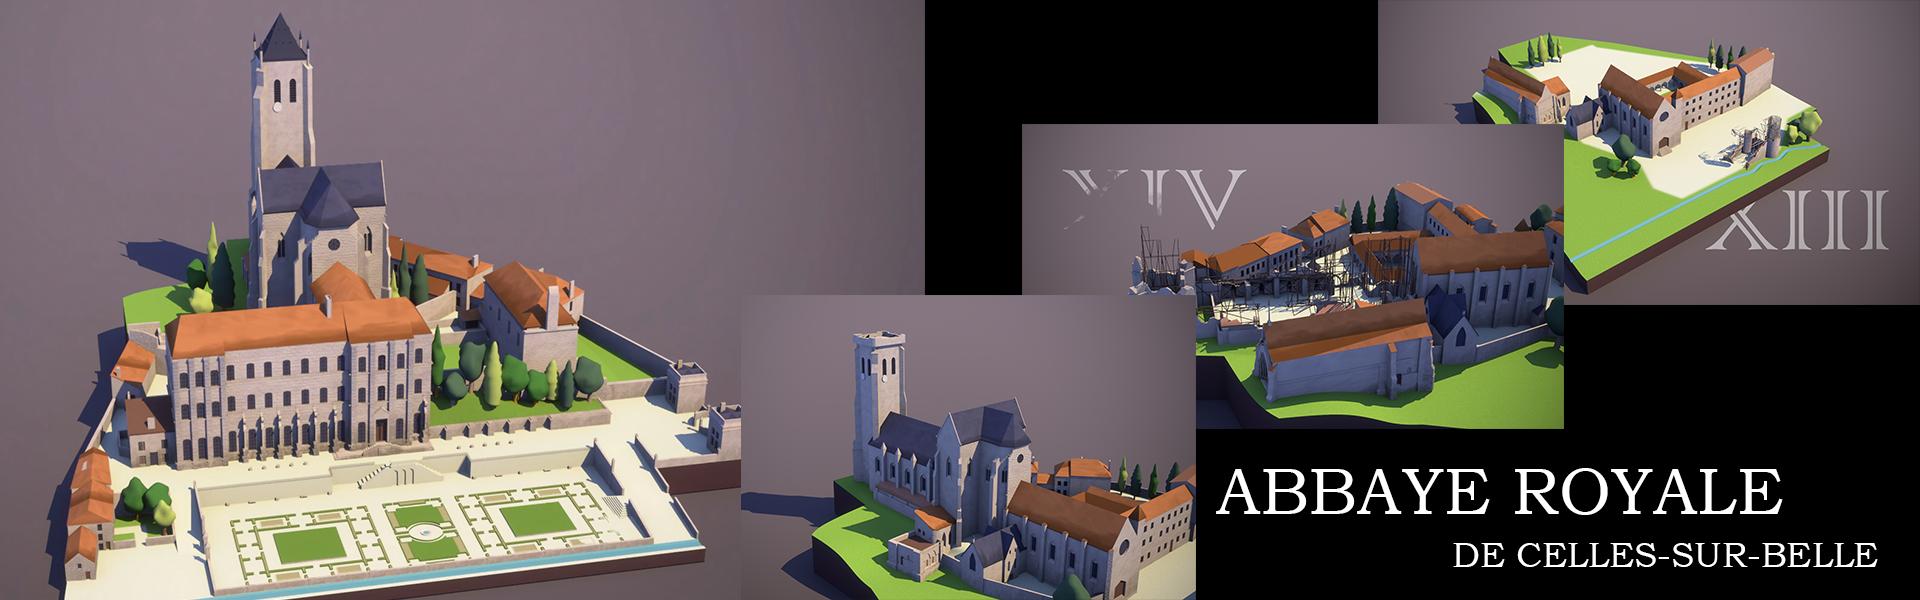 Clextral Film 3D présentation d'une usine